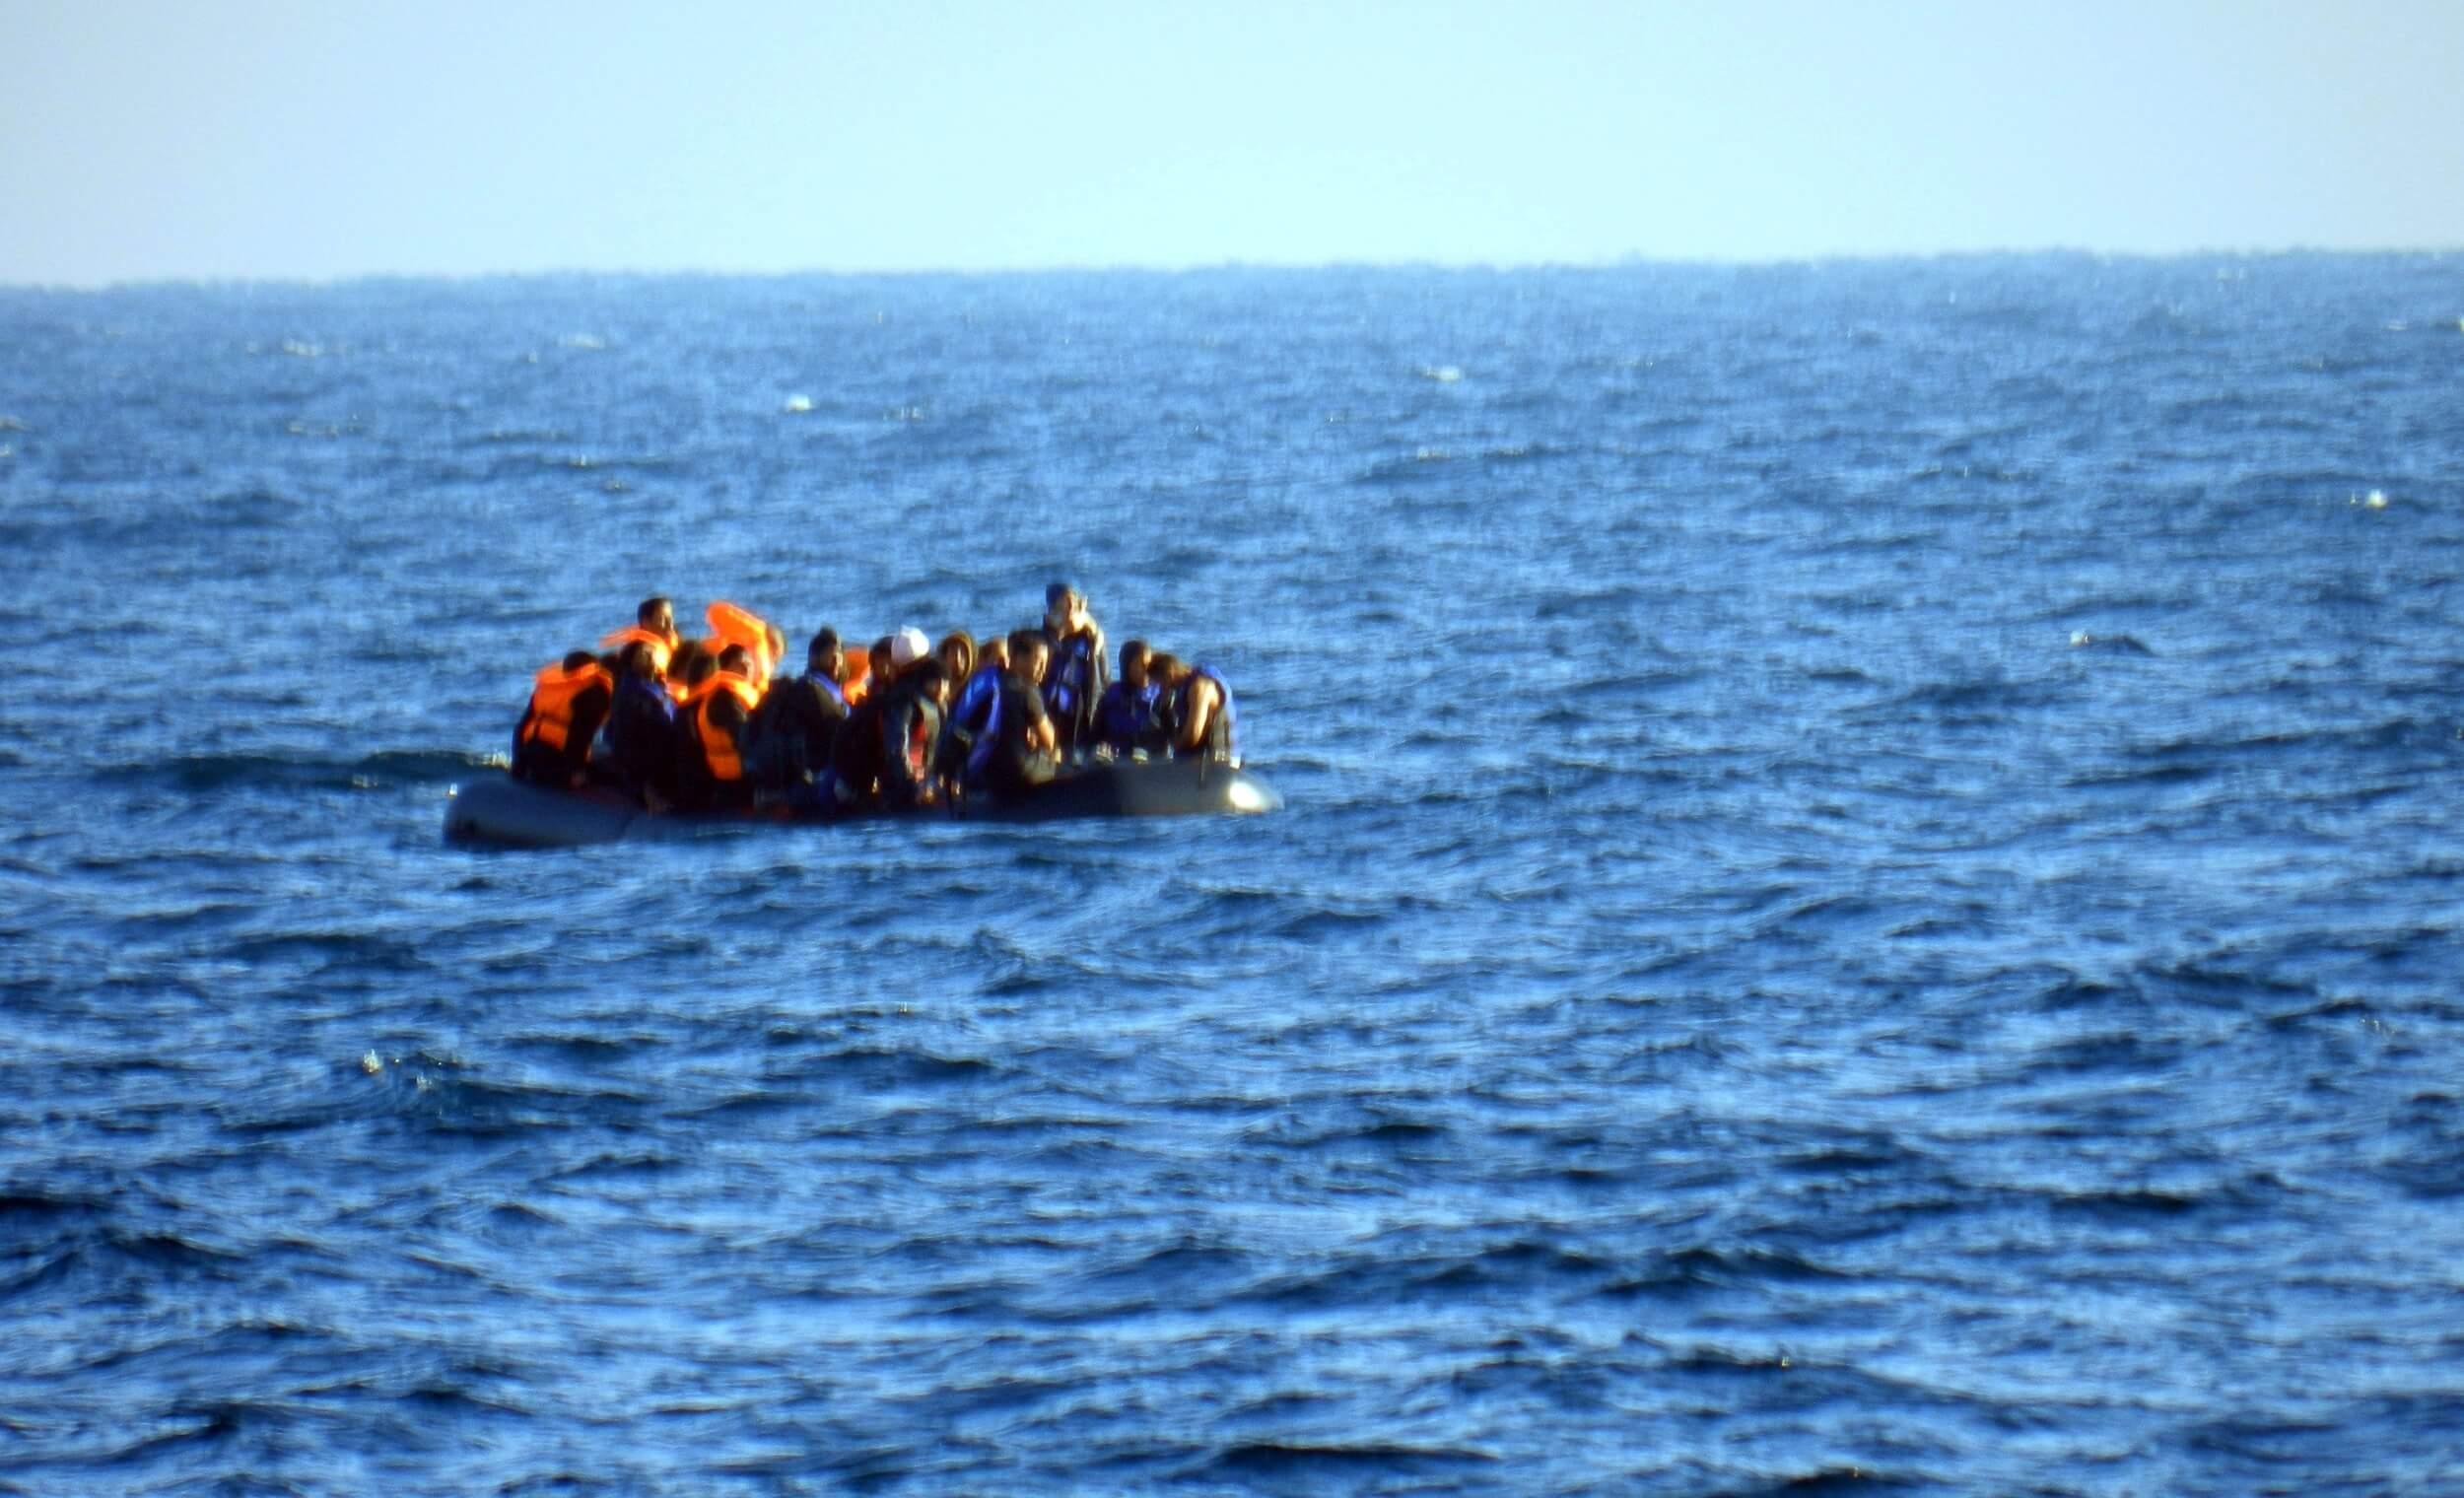 Ευρεία επιχείρηση έρευνας και διάσωσης αλλοδαπών, στη θαλάσσια περιοχή βορειοανατολικά ν. Λέσβου